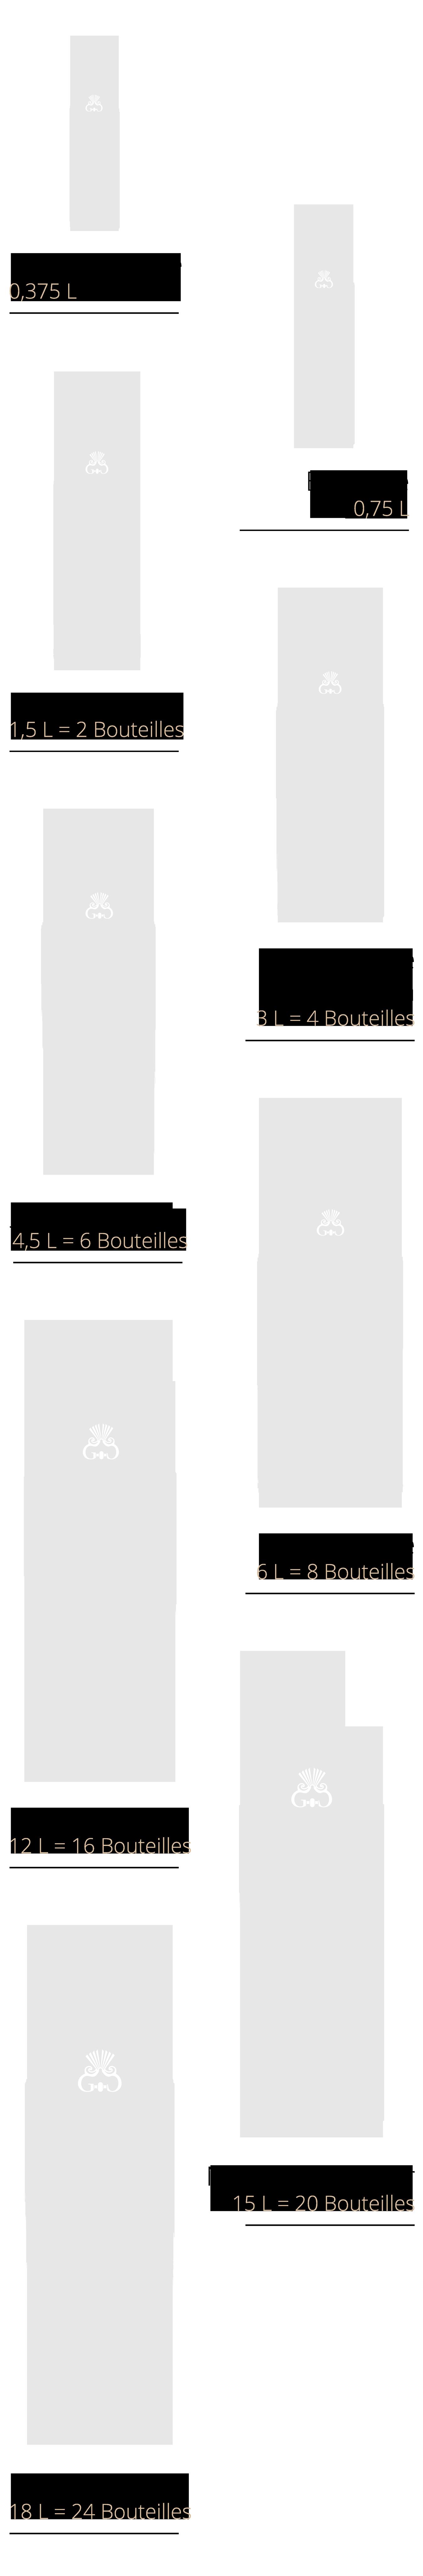 demi-bouteille